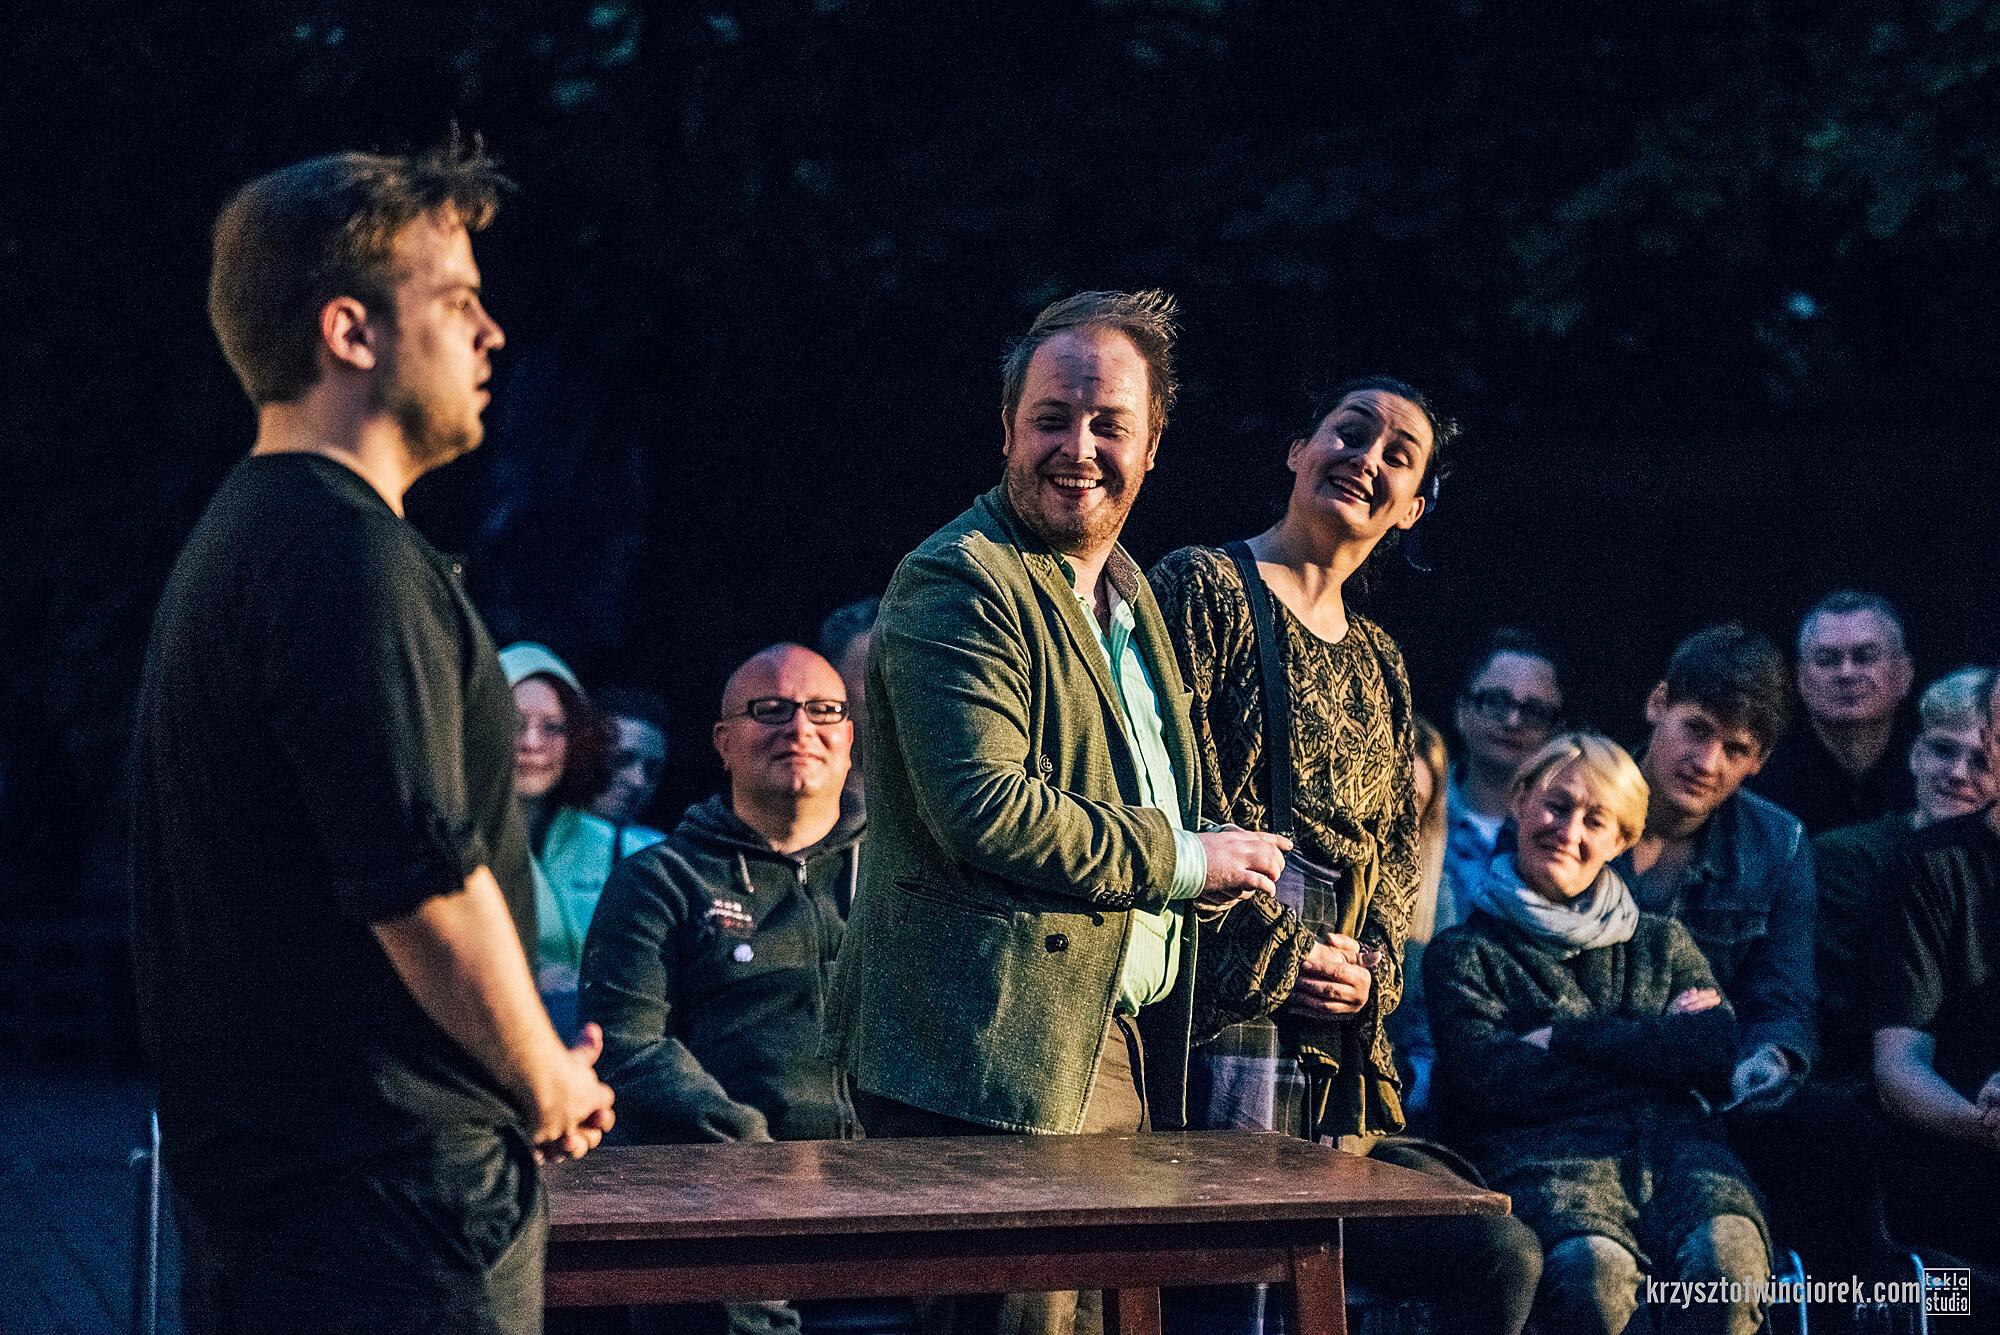 Zdjęcie z festiwalu Pociąg do miasta. Trójka aktorów. Dwoje usmiecha się do trzeciego. W tle widać siedzącą widownię.